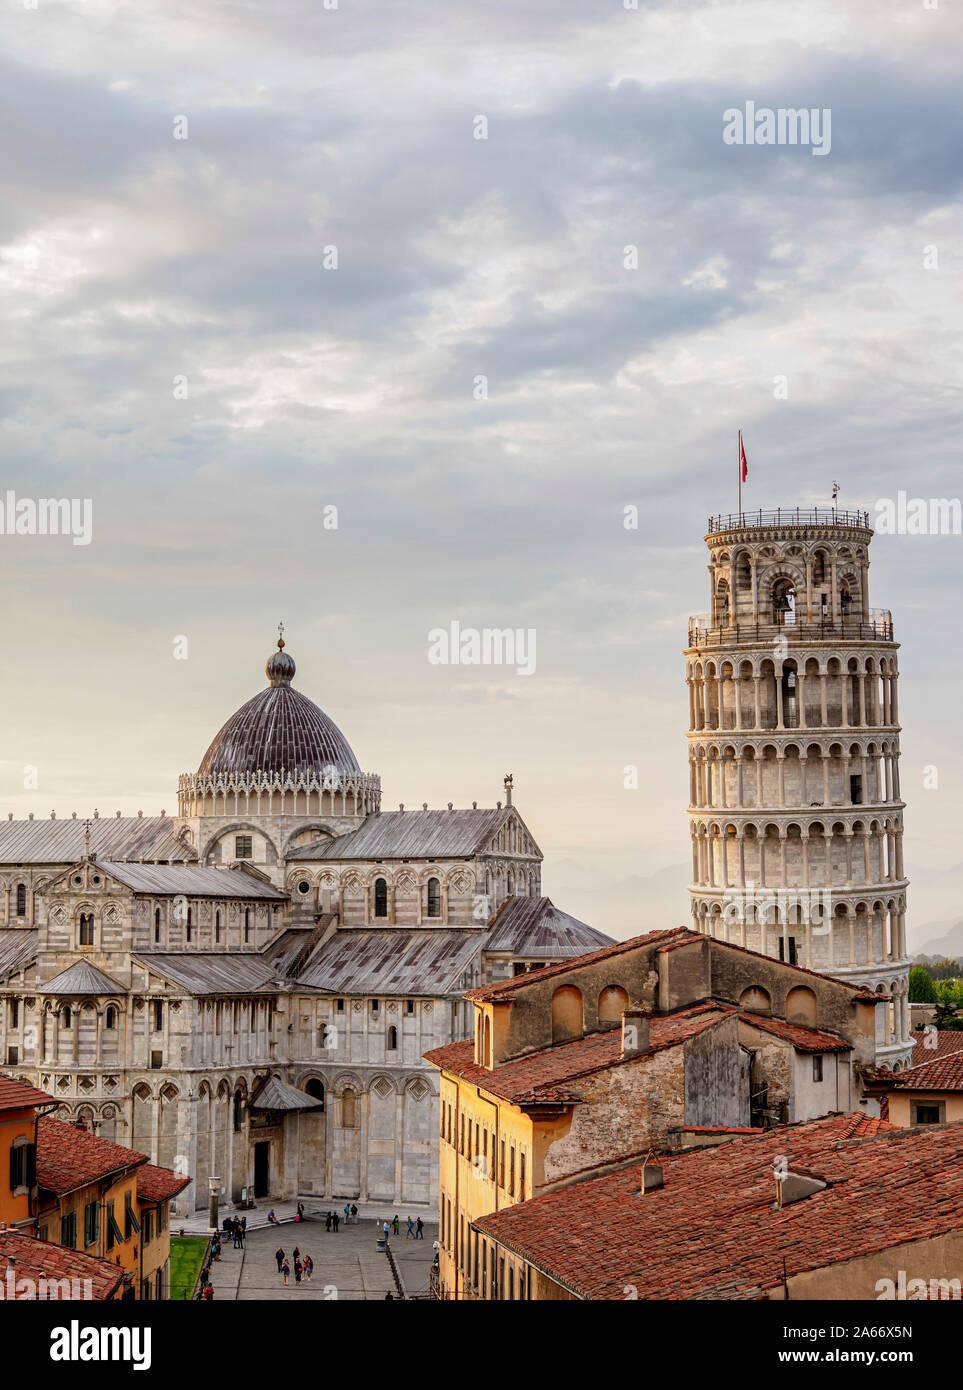 La catedral y la torre inclinada al atardecer, vista elevada, Pisa, Toscana, Italia Foto de stock